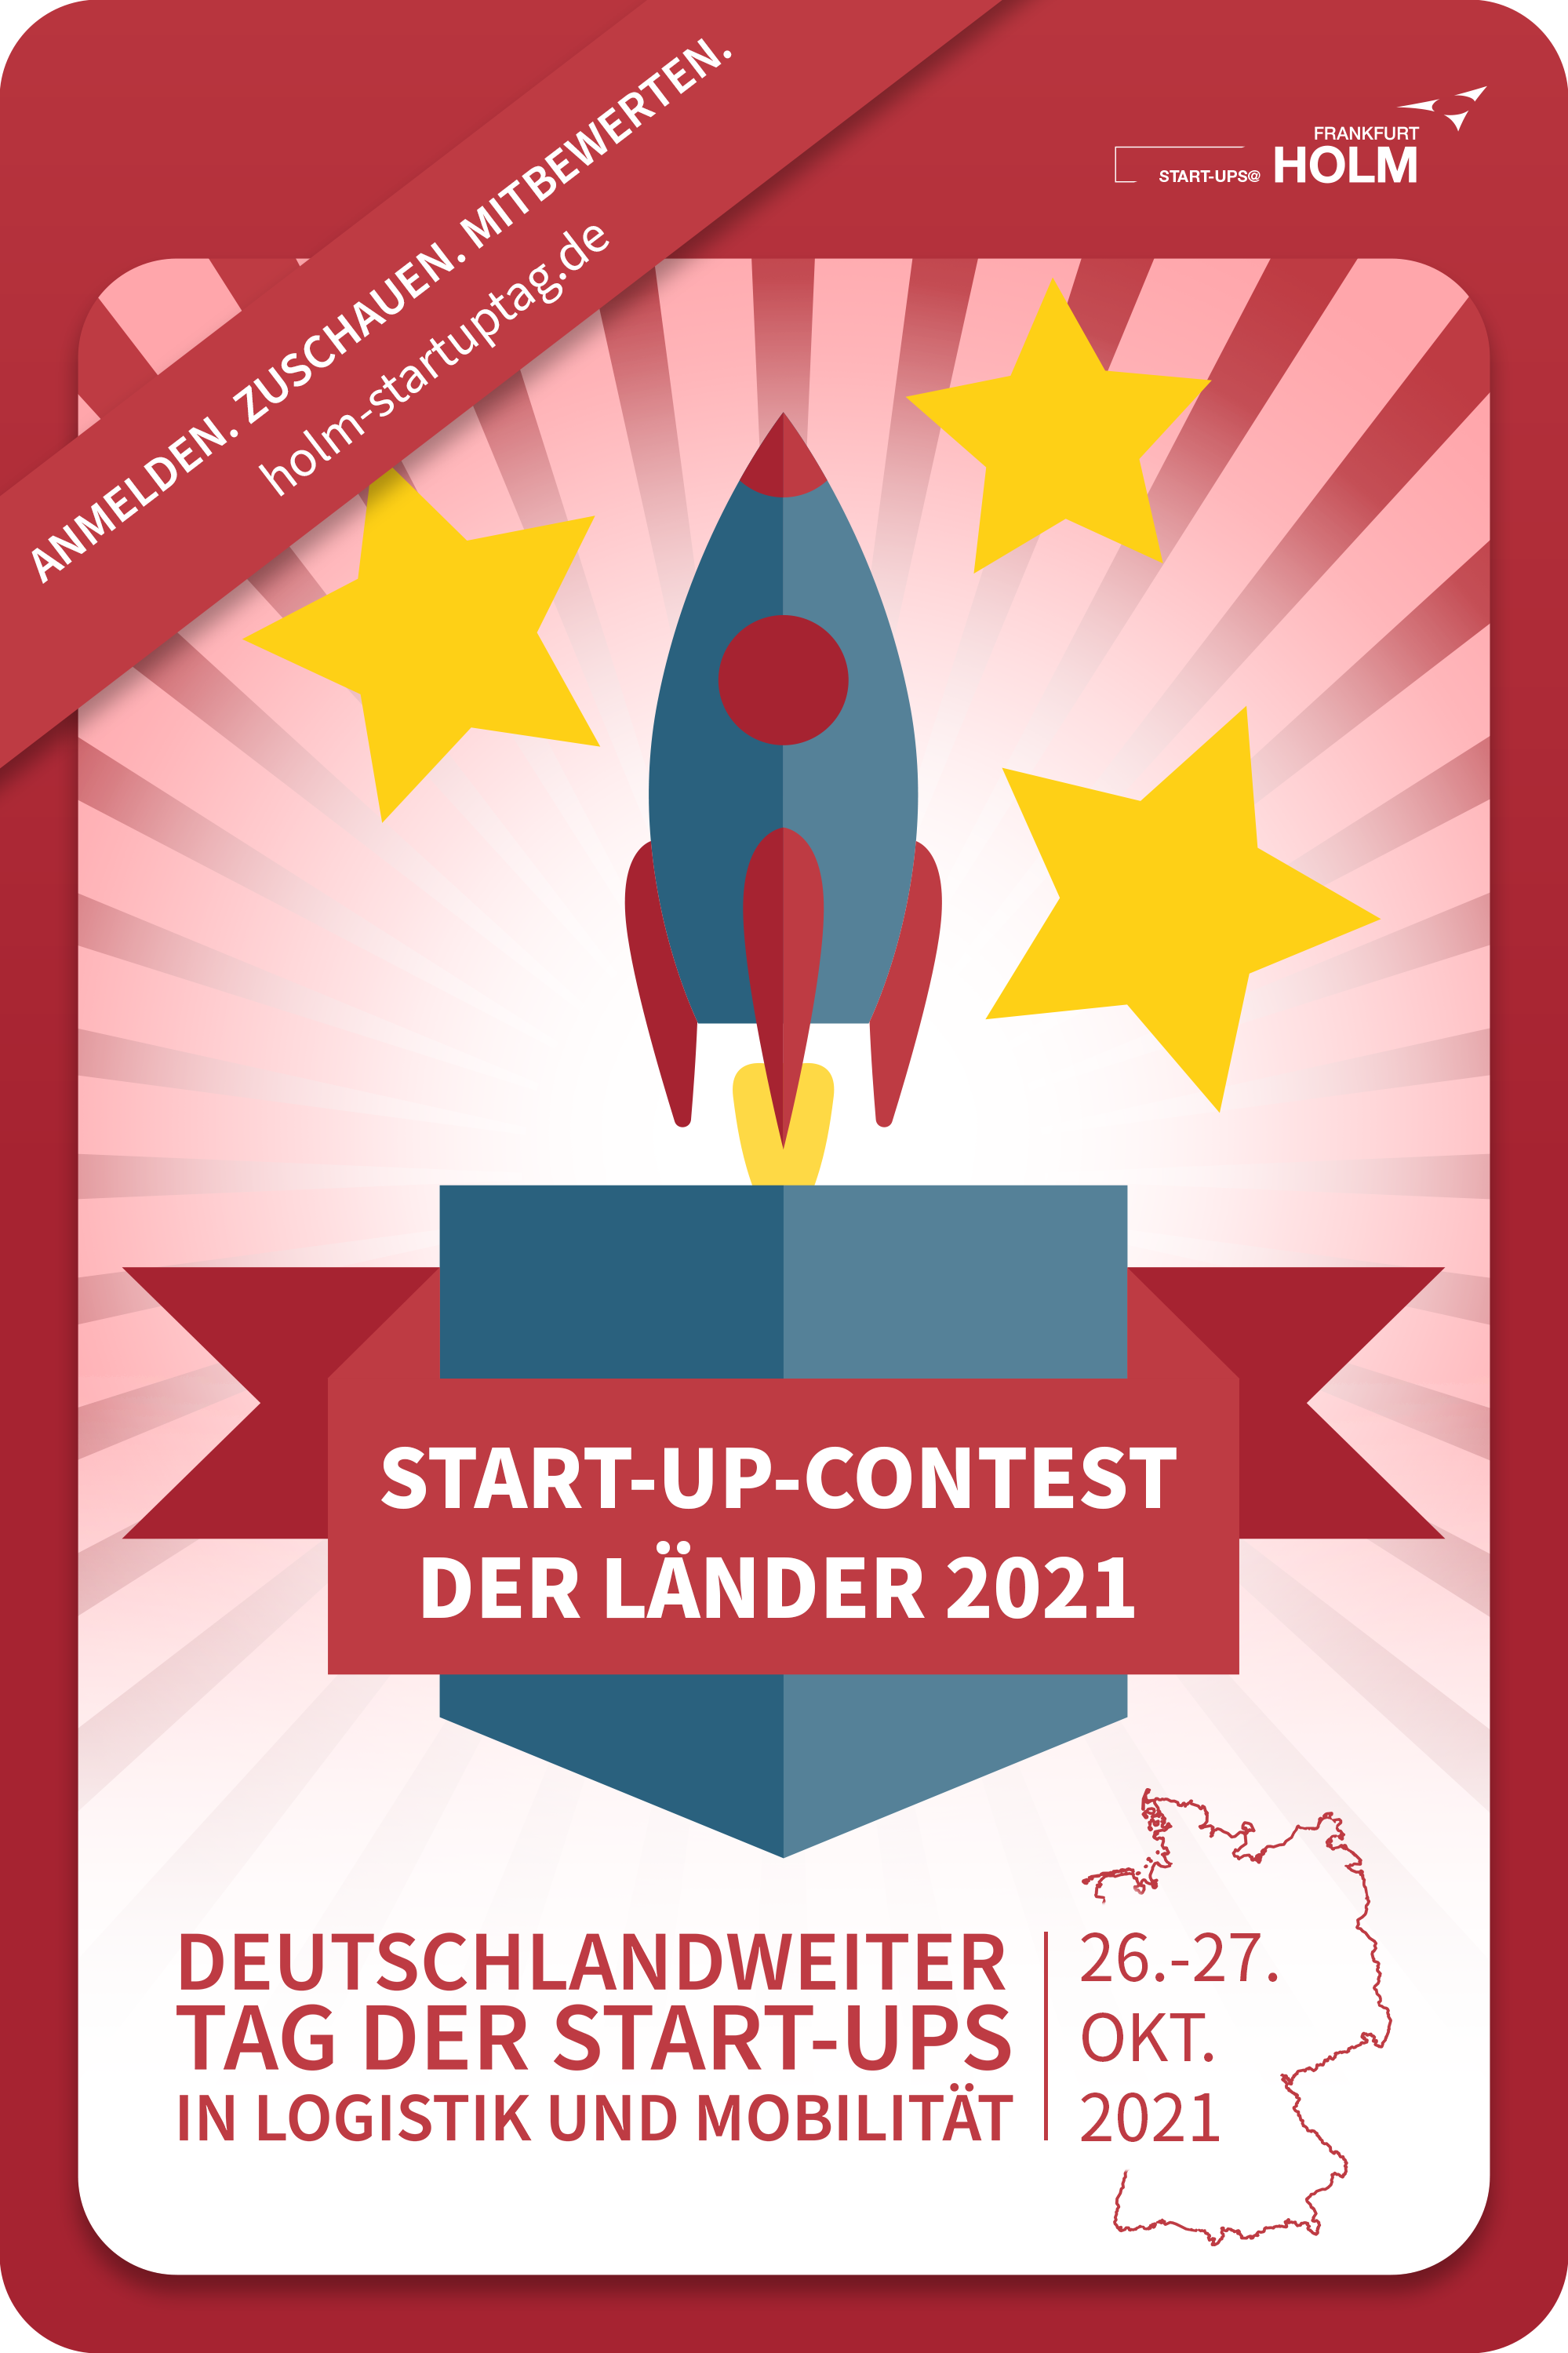 Finalisten für Start-up-Contest 2021 stehen fest